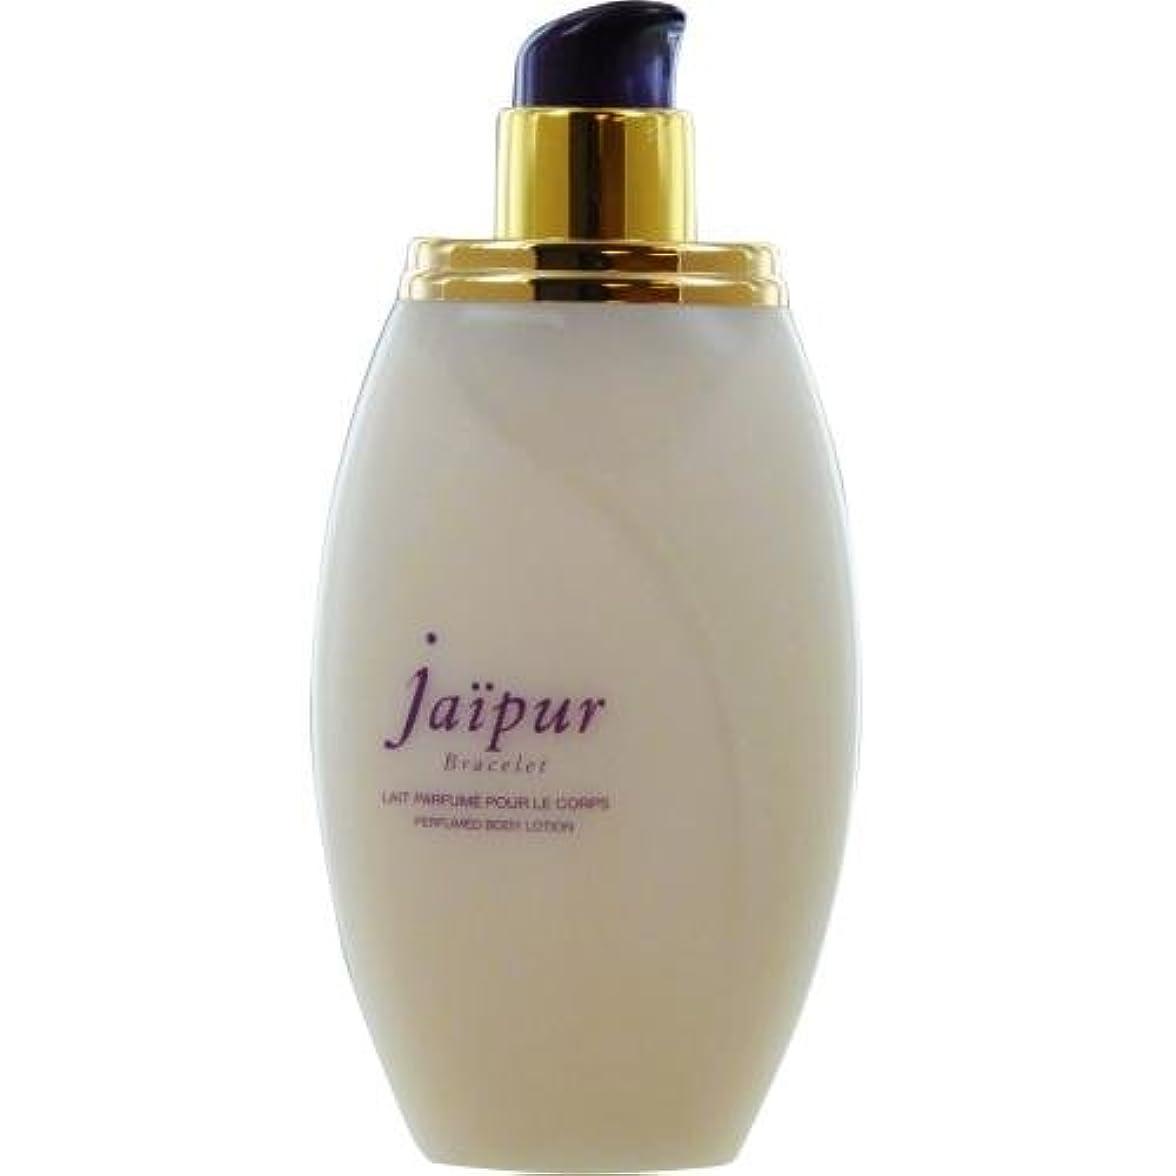 警告する救い故意のJaipur Bracelet Perfumed Body Lotion